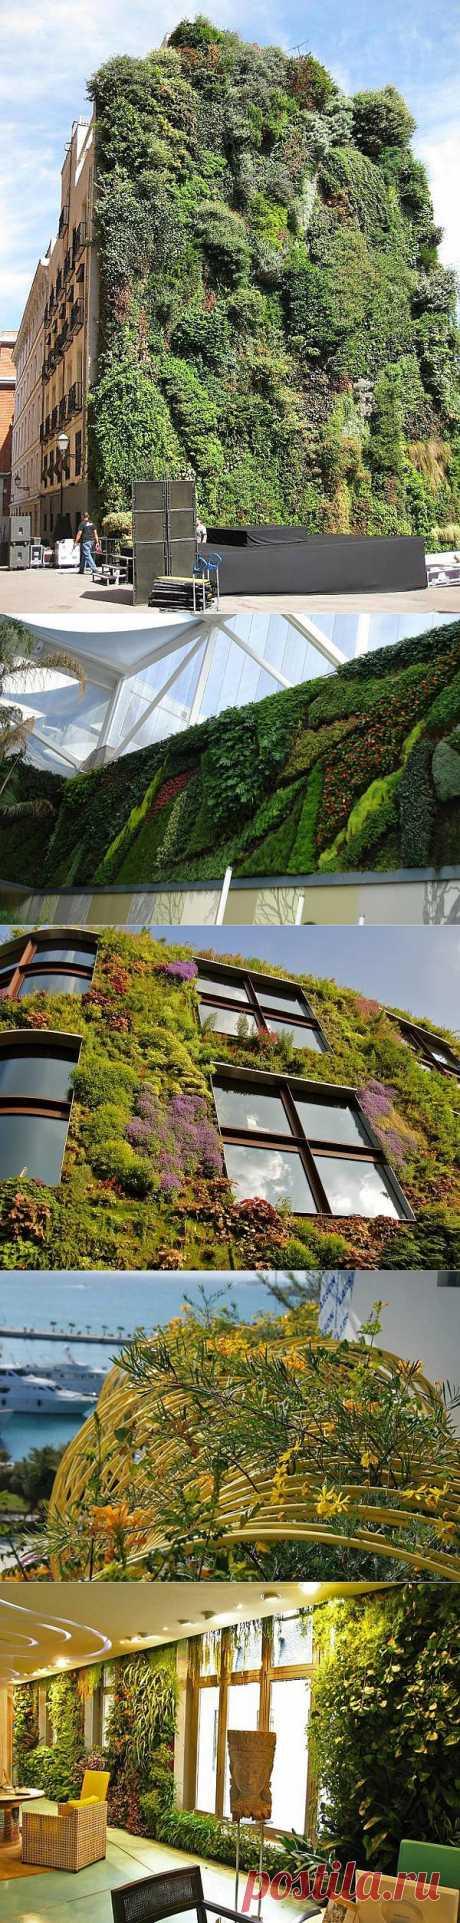 Вертикальные сады как городское искусство | ПолонСил.ру - социальная сеть здоровья